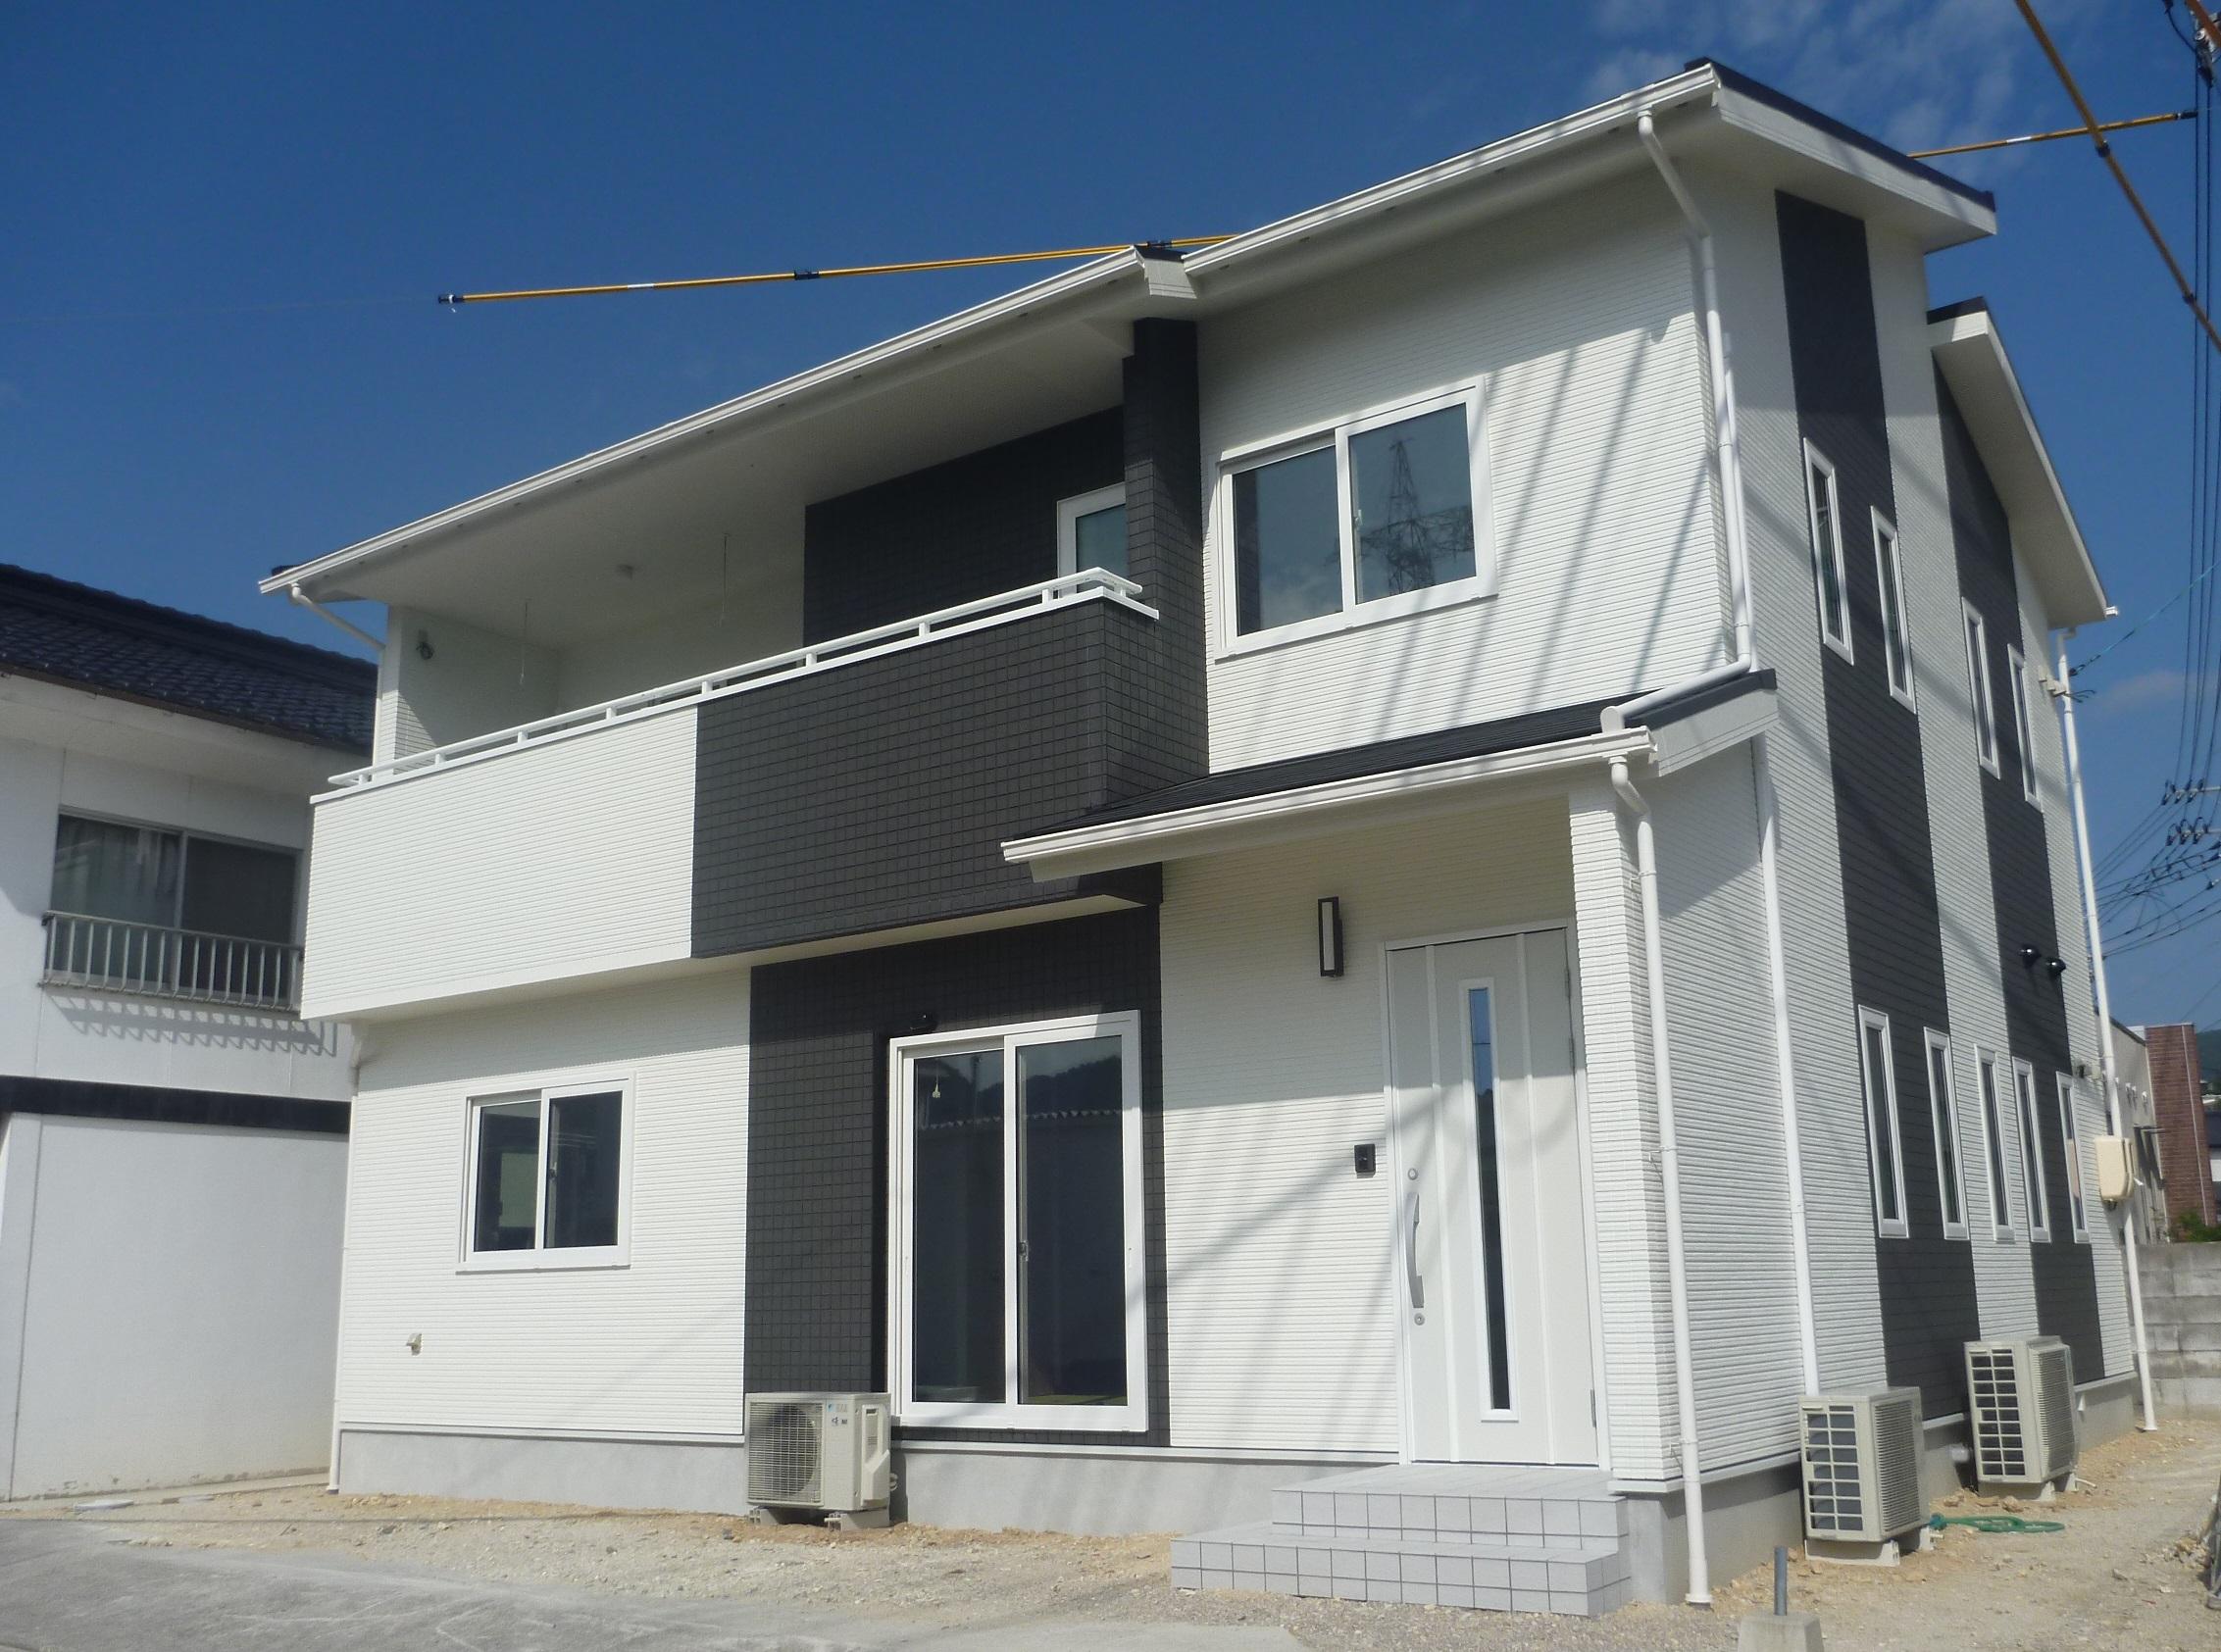 丸山建設株式会社『家族を守る「FP(エフピー)の家」』